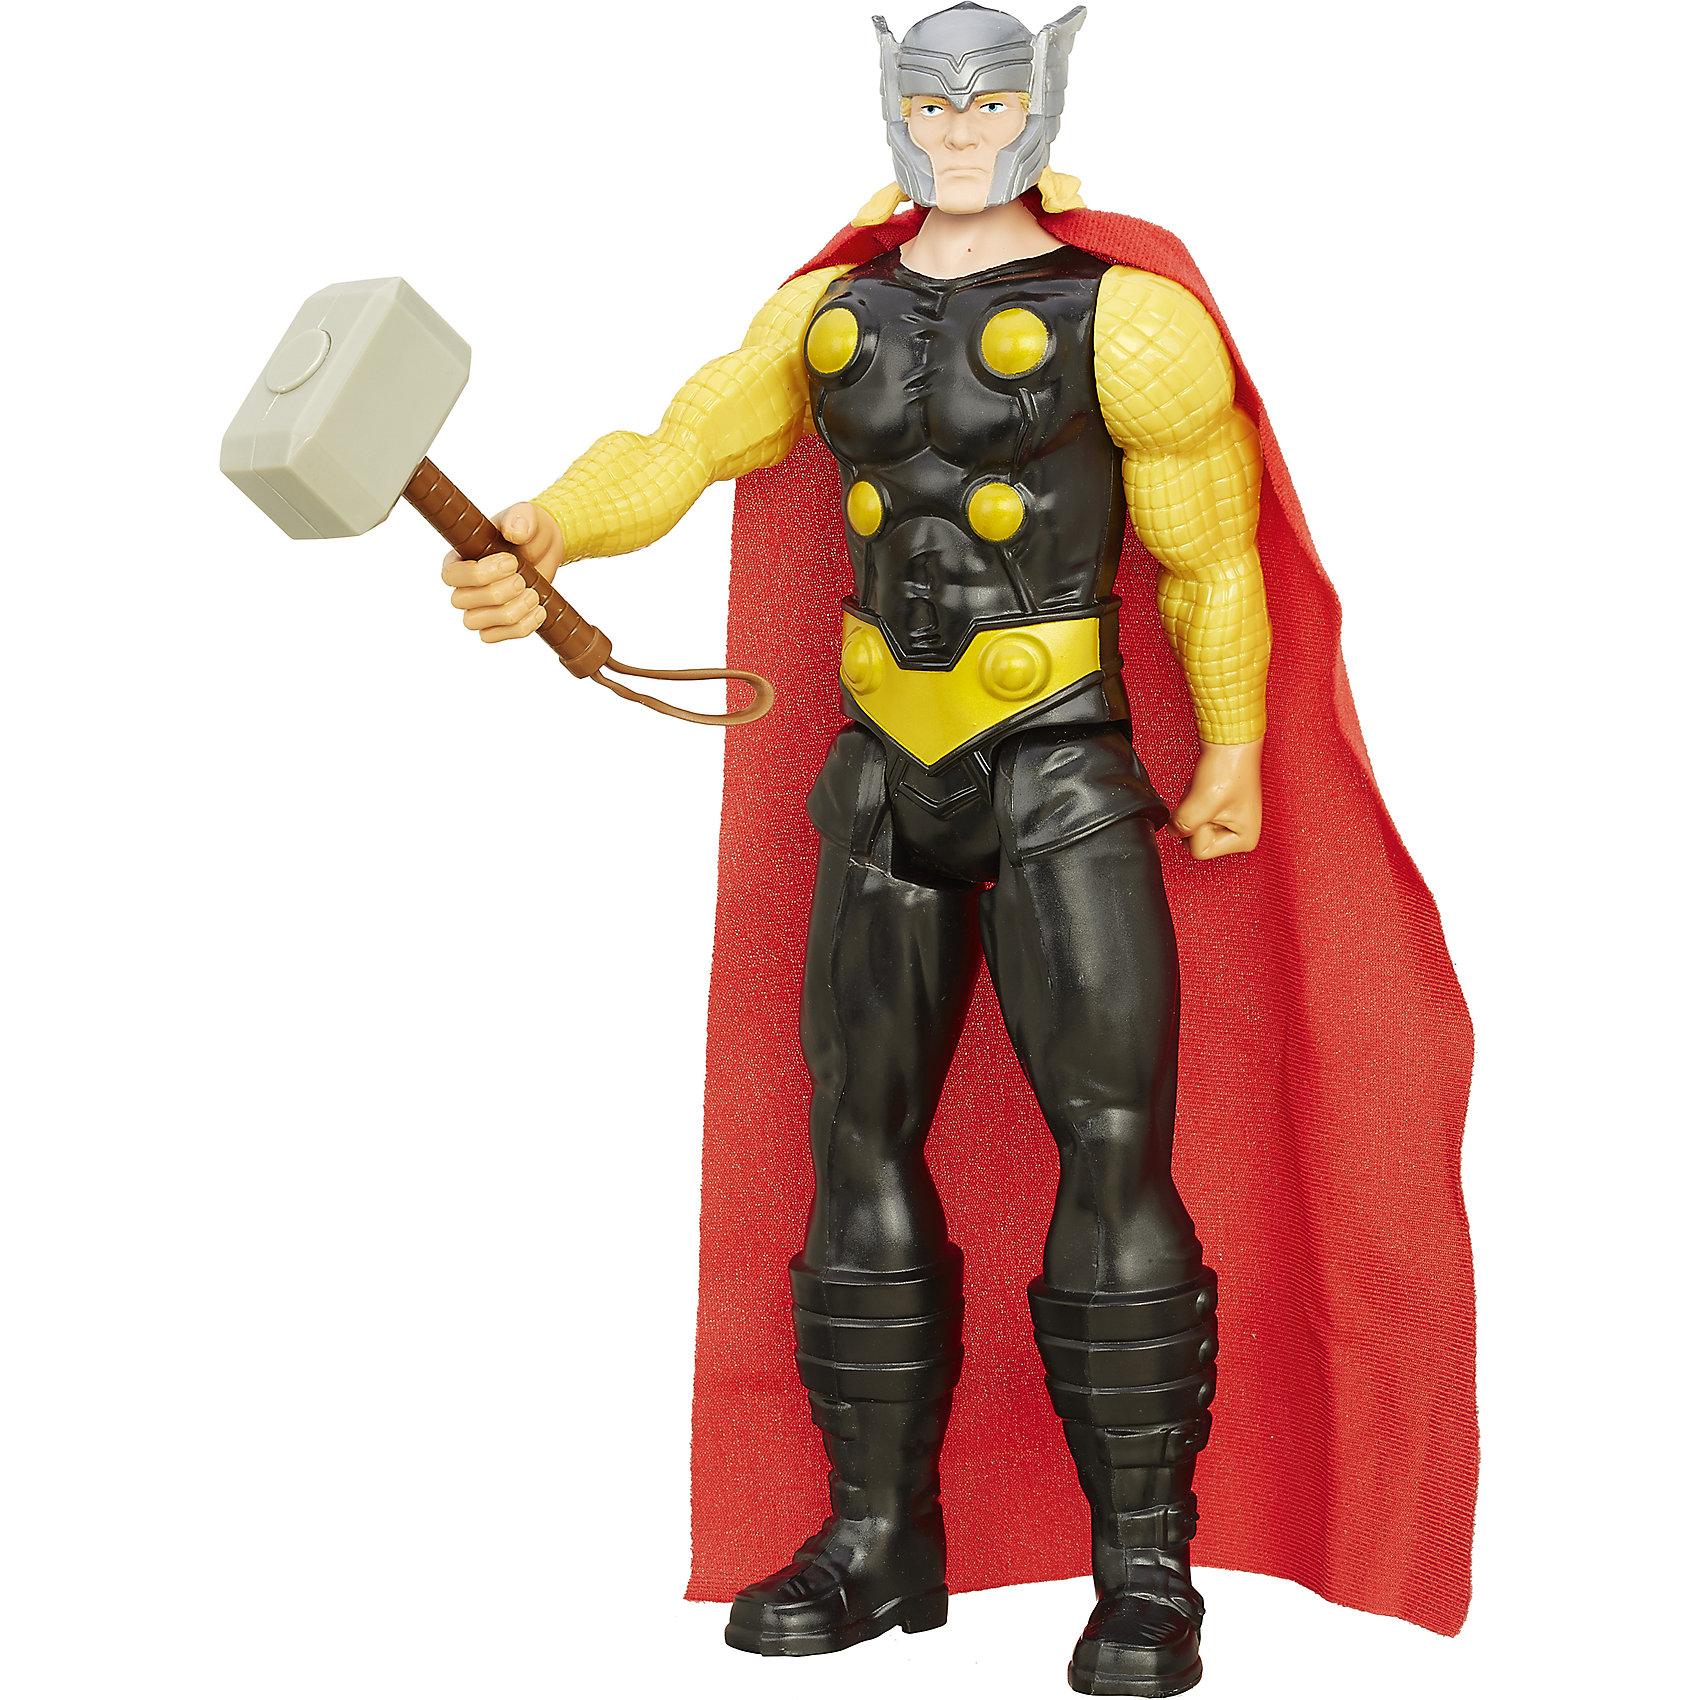 Фигурка Титаны, Мстители, B6660/B6131Коллекционные и игровые фигурки<br>Фигурка Титанов станет приятным сюрпризом для вашего ребенка, особенно если он является поклонником популярных комиксов и фильмов о супергероях Мстители (Avengers). Фигурка имеет множество точек артикуляции, что позволяет ей приобретать самые реалистичные позы, выполнена из высококачественного пластика, прекрасно детализирована и реалистично раскрашена. Собери все фигурки титанов и погрузись в увлекательную игру вместе с любимыми героями!   Дополнительная информация:   - Материал: пластик. - Размер: 30 см. - Голова, руки, ноги подвижные.  - Фигурка в ассортименте.  ВНИМАНИЕ! Данный артикул представлен в разных вариантах исполнения. К сожалению, заранее выбрать определенный вариант невозможно. При заказе нескольких фигурок возможно получение одинаковых.  Фигурку Титаны, Мстители, в ассортименте, можно купить в нашем магазине.<br><br>Ширина мм: 306<br>Глубина мм: 104<br>Высота мм: 55<br>Вес г: 258<br>Возраст от месяцев: 48<br>Возраст до месяцев: 96<br>Пол: Мужской<br>Возраст: Детский<br>SKU: 4803332